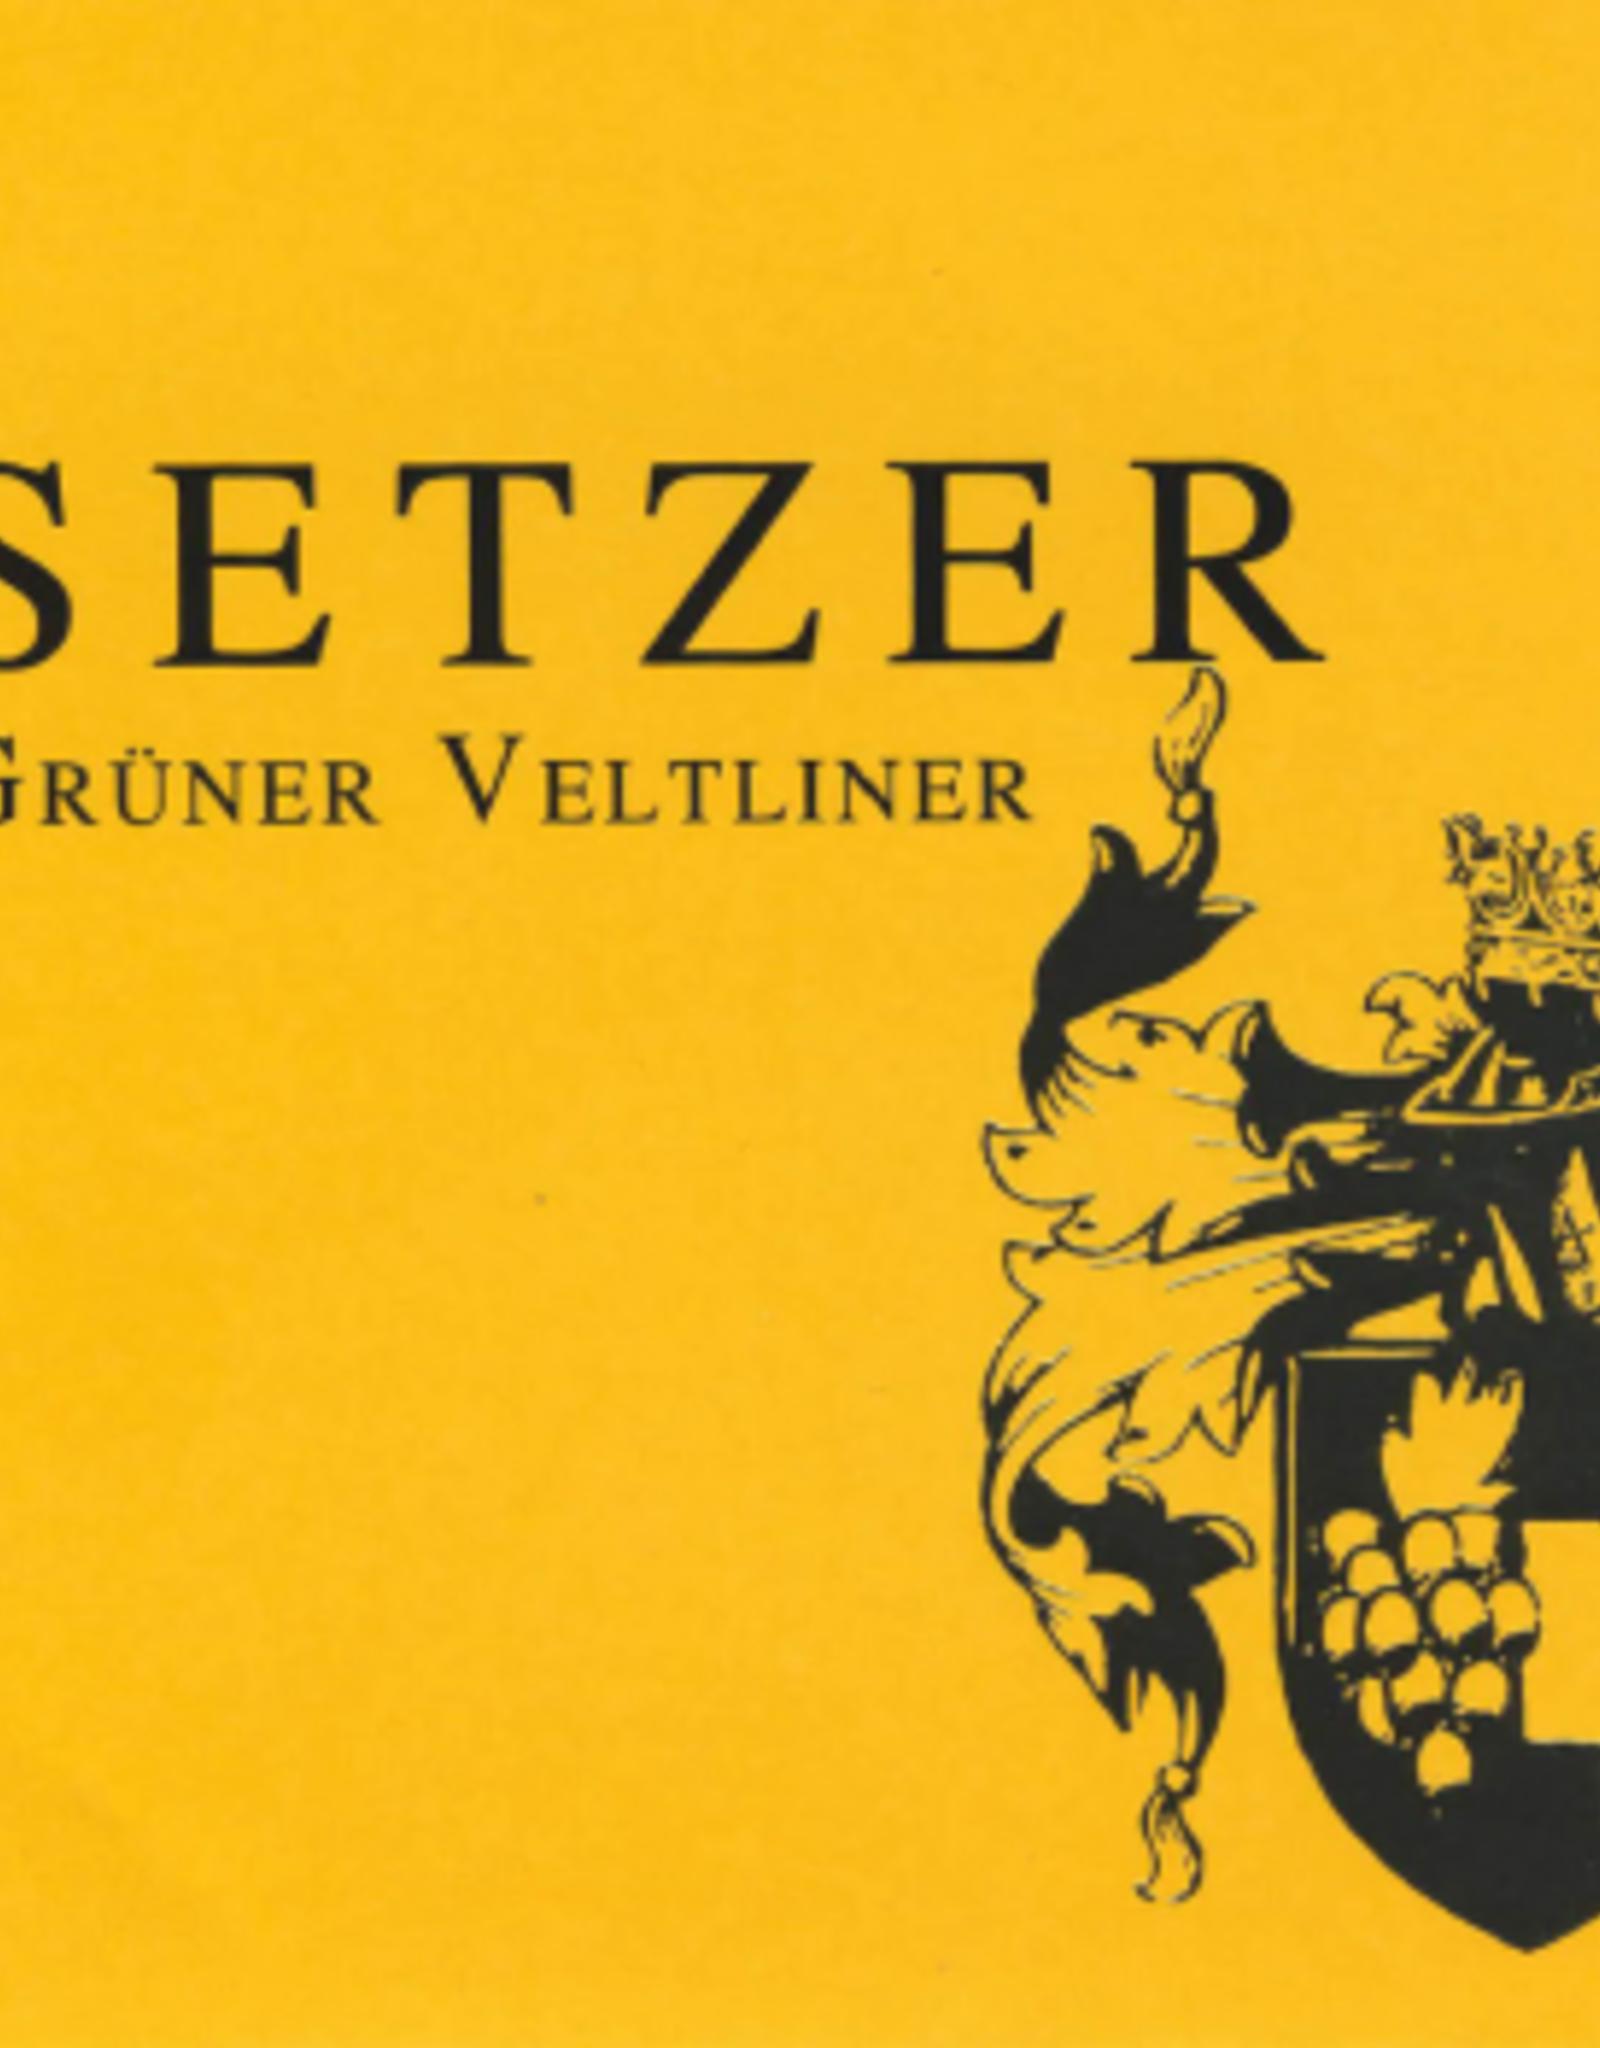 Wine-White Gruner Veltliner, Setzer 2018